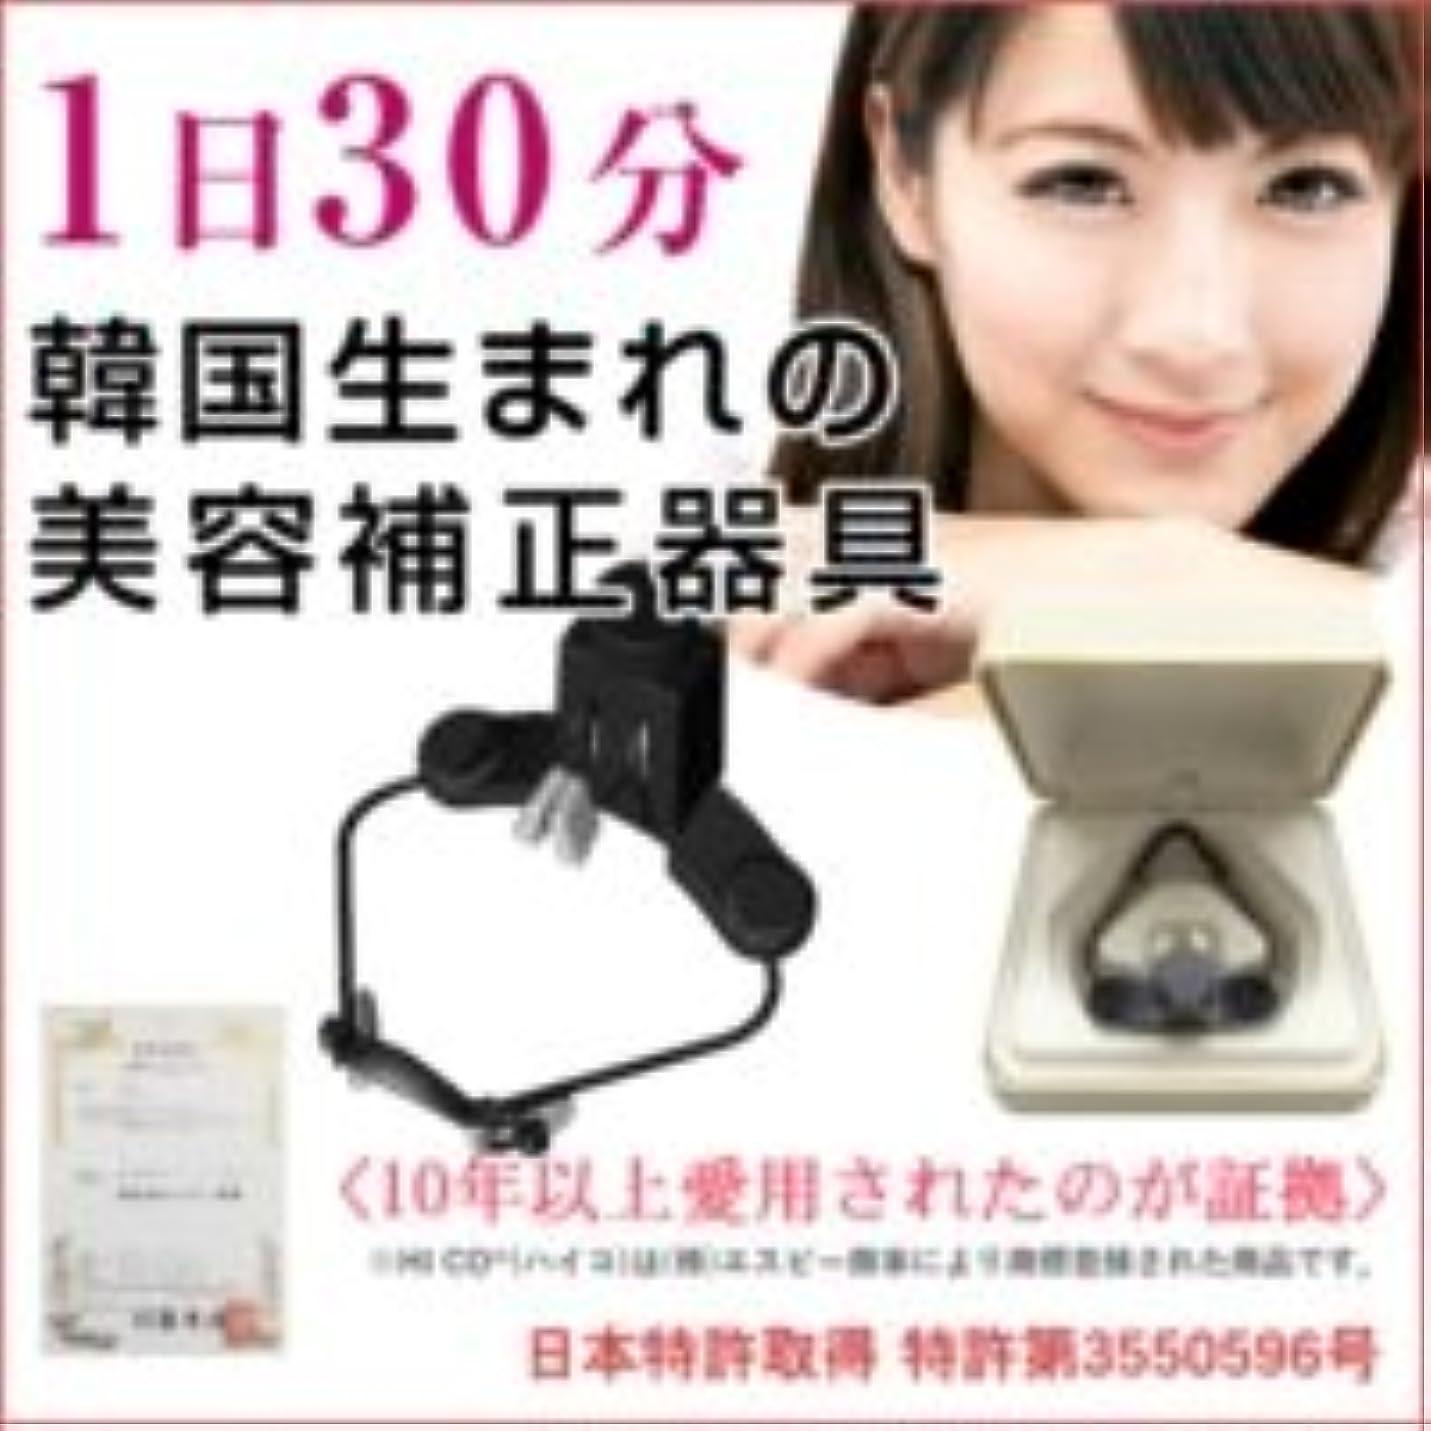 そのインフラ別々にハイコ (HICO) 美鼻補整器具